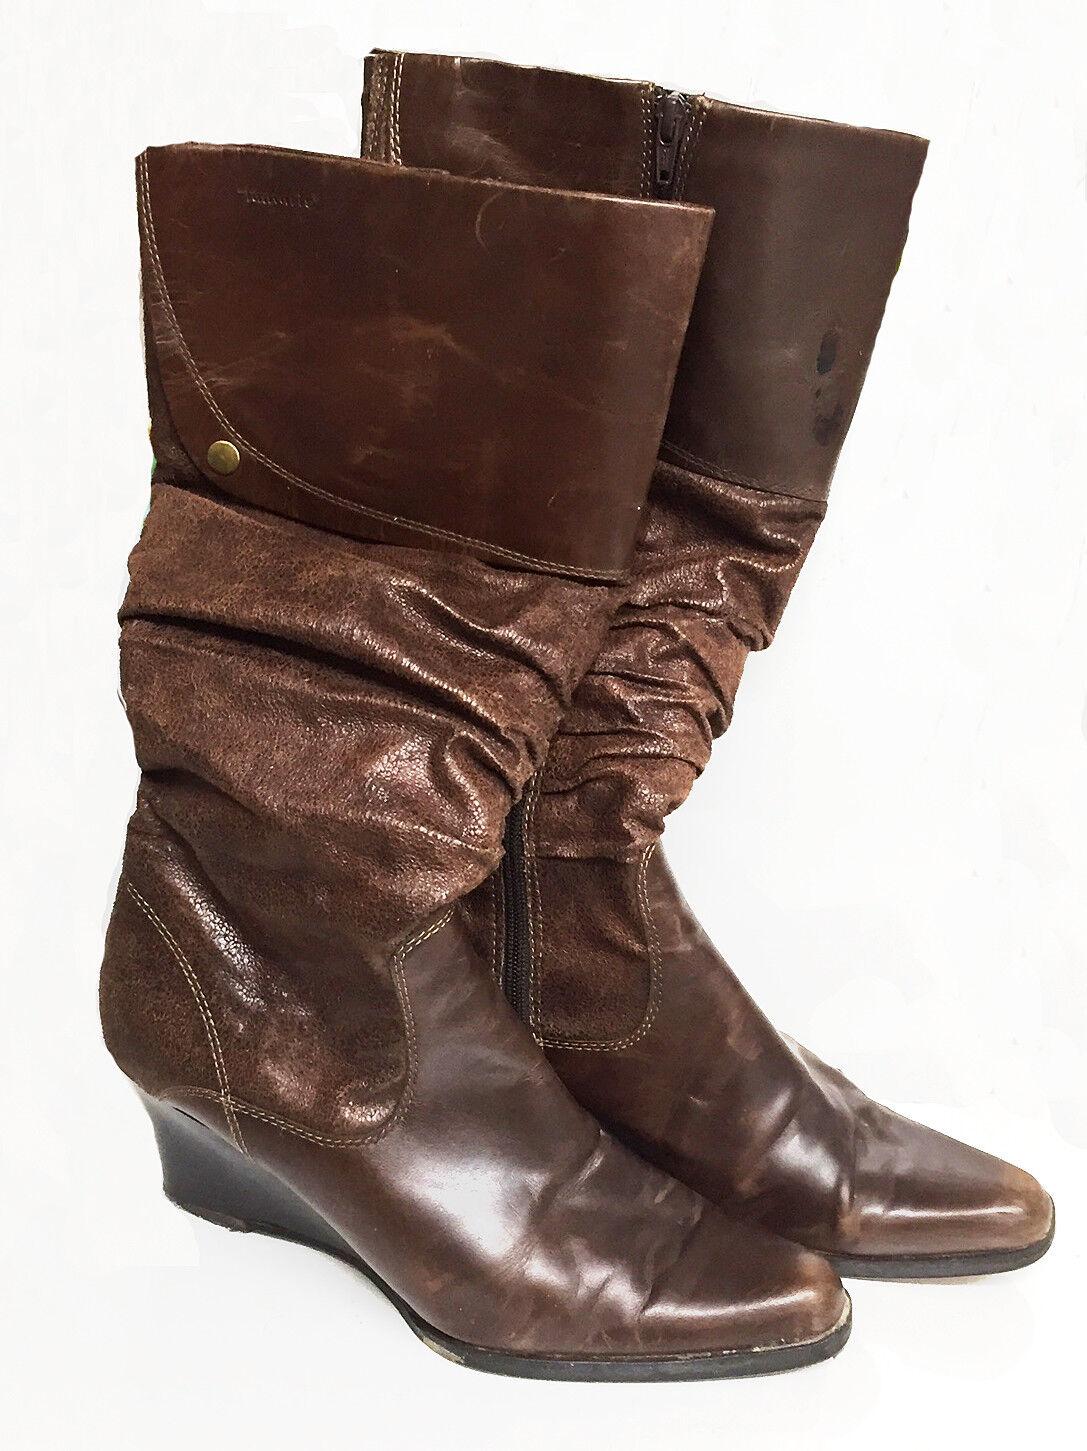 Tamaris Stivali da donna Taglia con alta gambale, marrone, cuoio ...